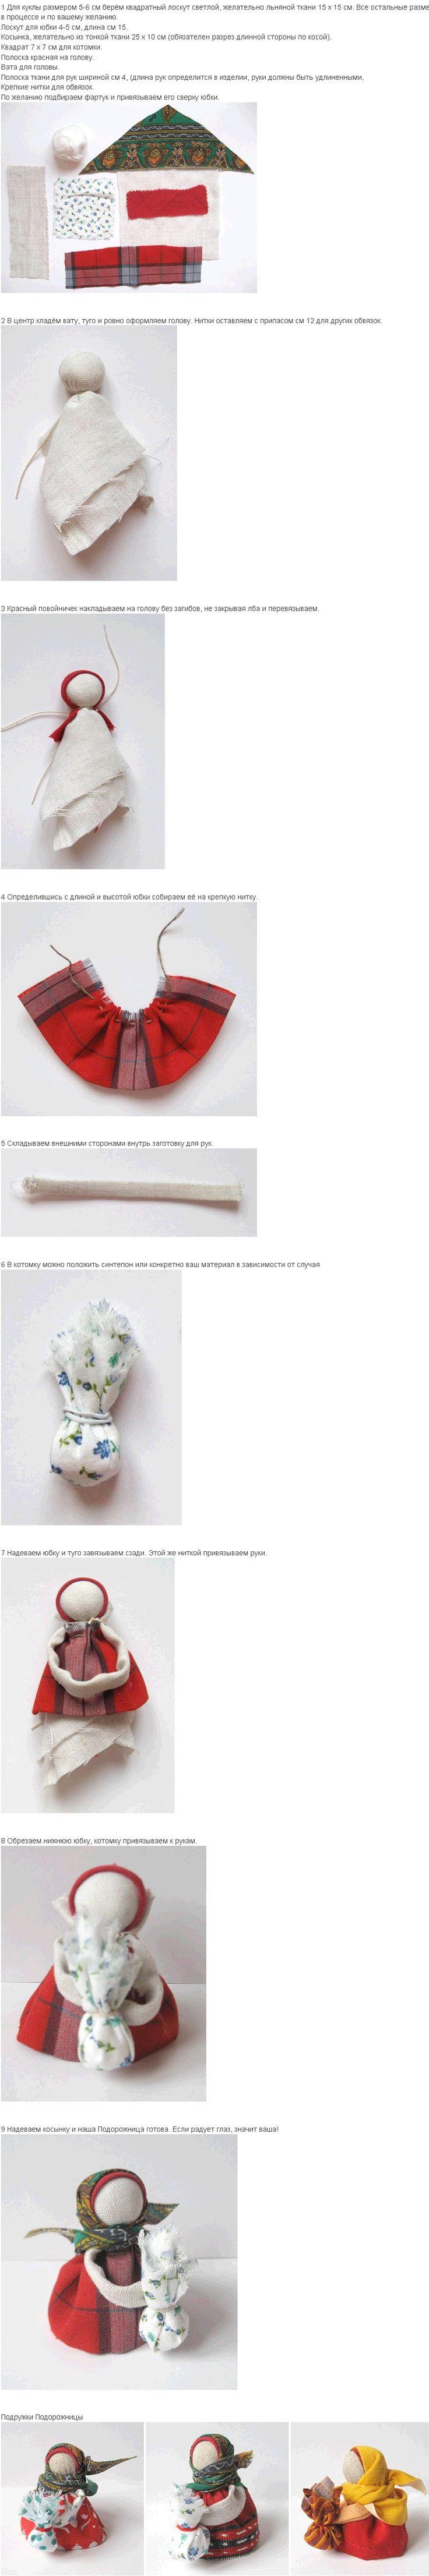 Как сделать своими руками игрушку оберег